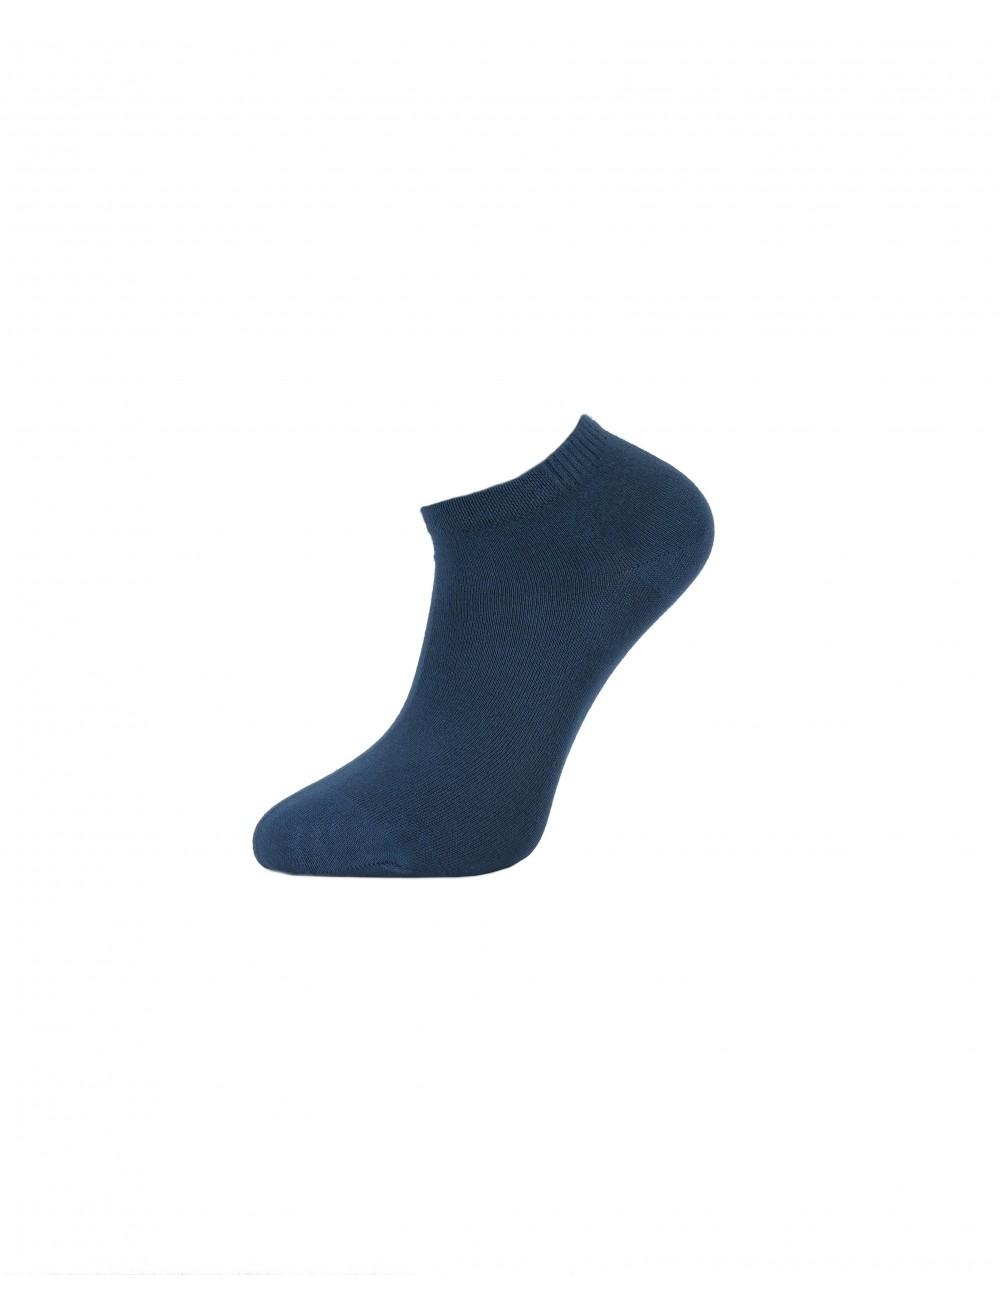 Γυναικεία χαμηλή κάλτσα σοσόνι MODAL